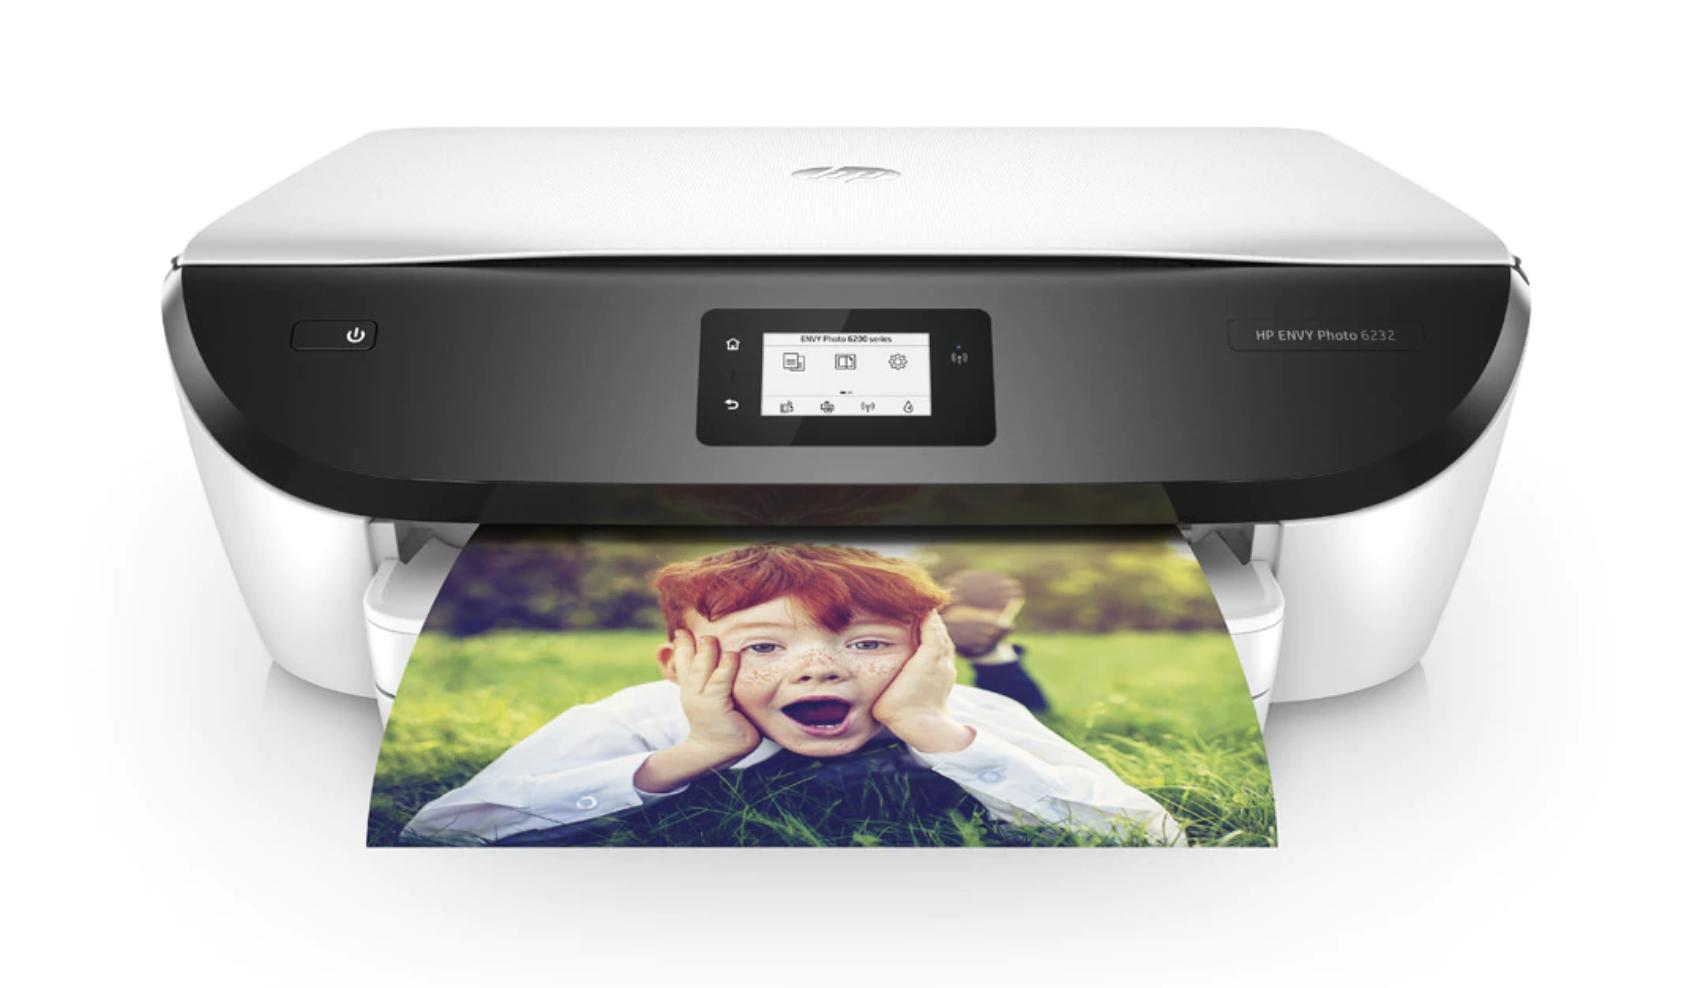 Impresora Multifunción tinta HP Envy Photo 6232, Wi-Fi, copia, escanea, compatible con Instant Ink